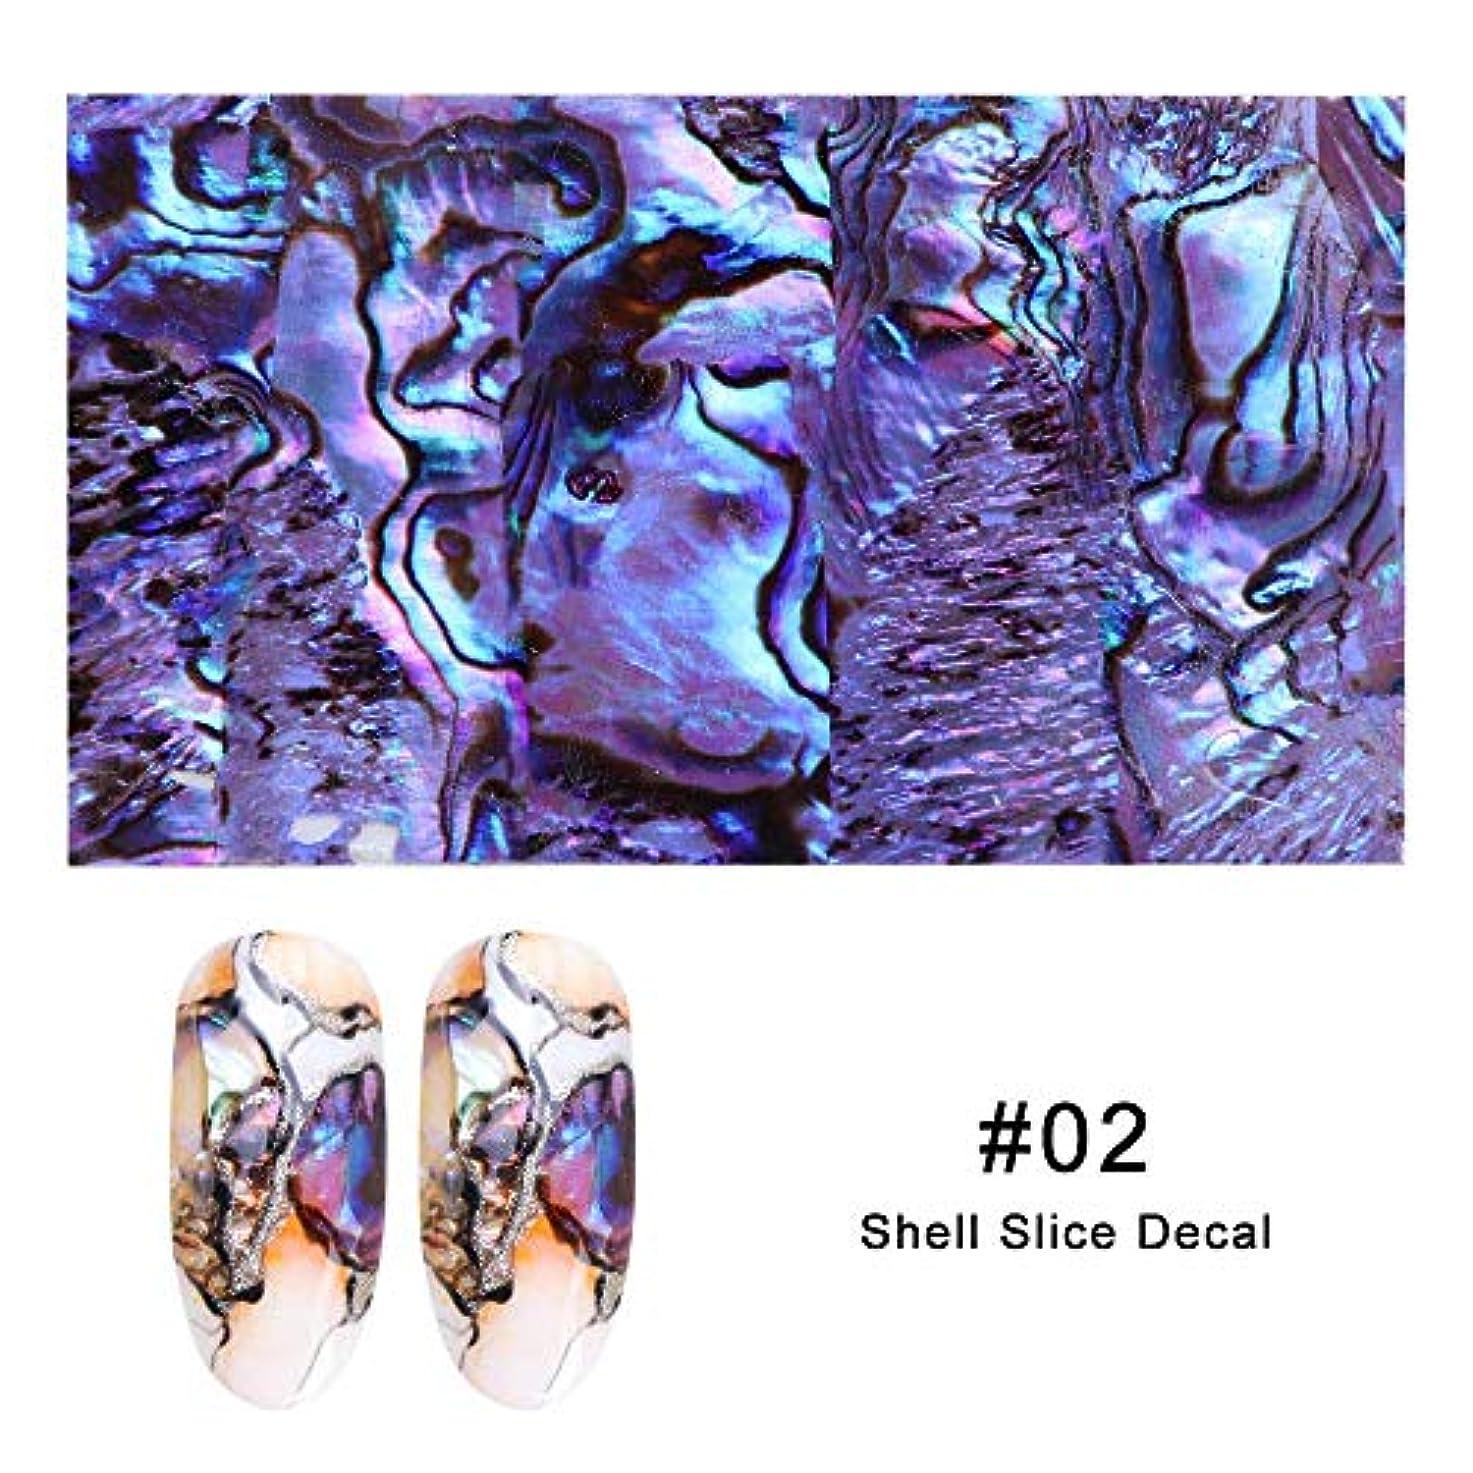 マウスピース通貨入口Artlalic 1シートシェルアワビネイルアートシールグラデーションマーメイドフレークネイル箔シーサイドデザインステッカーデカール15色